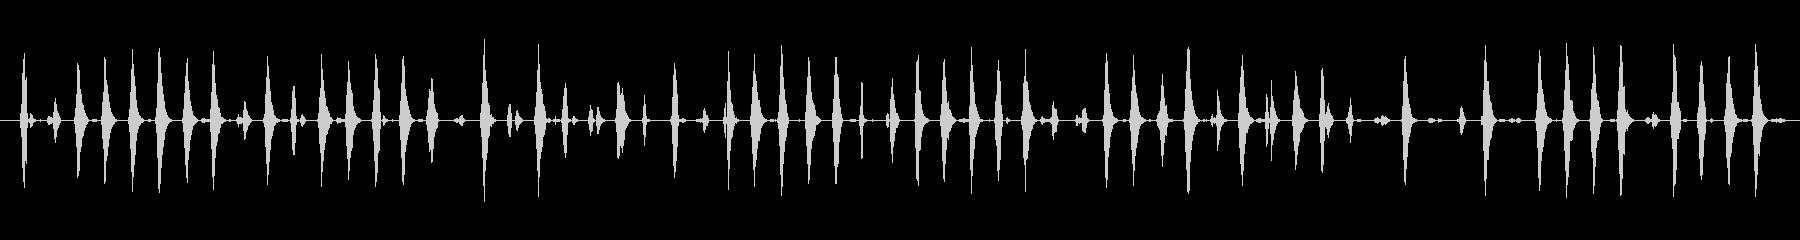 イメージ 電子鳥チャープロング03の未再生の波形